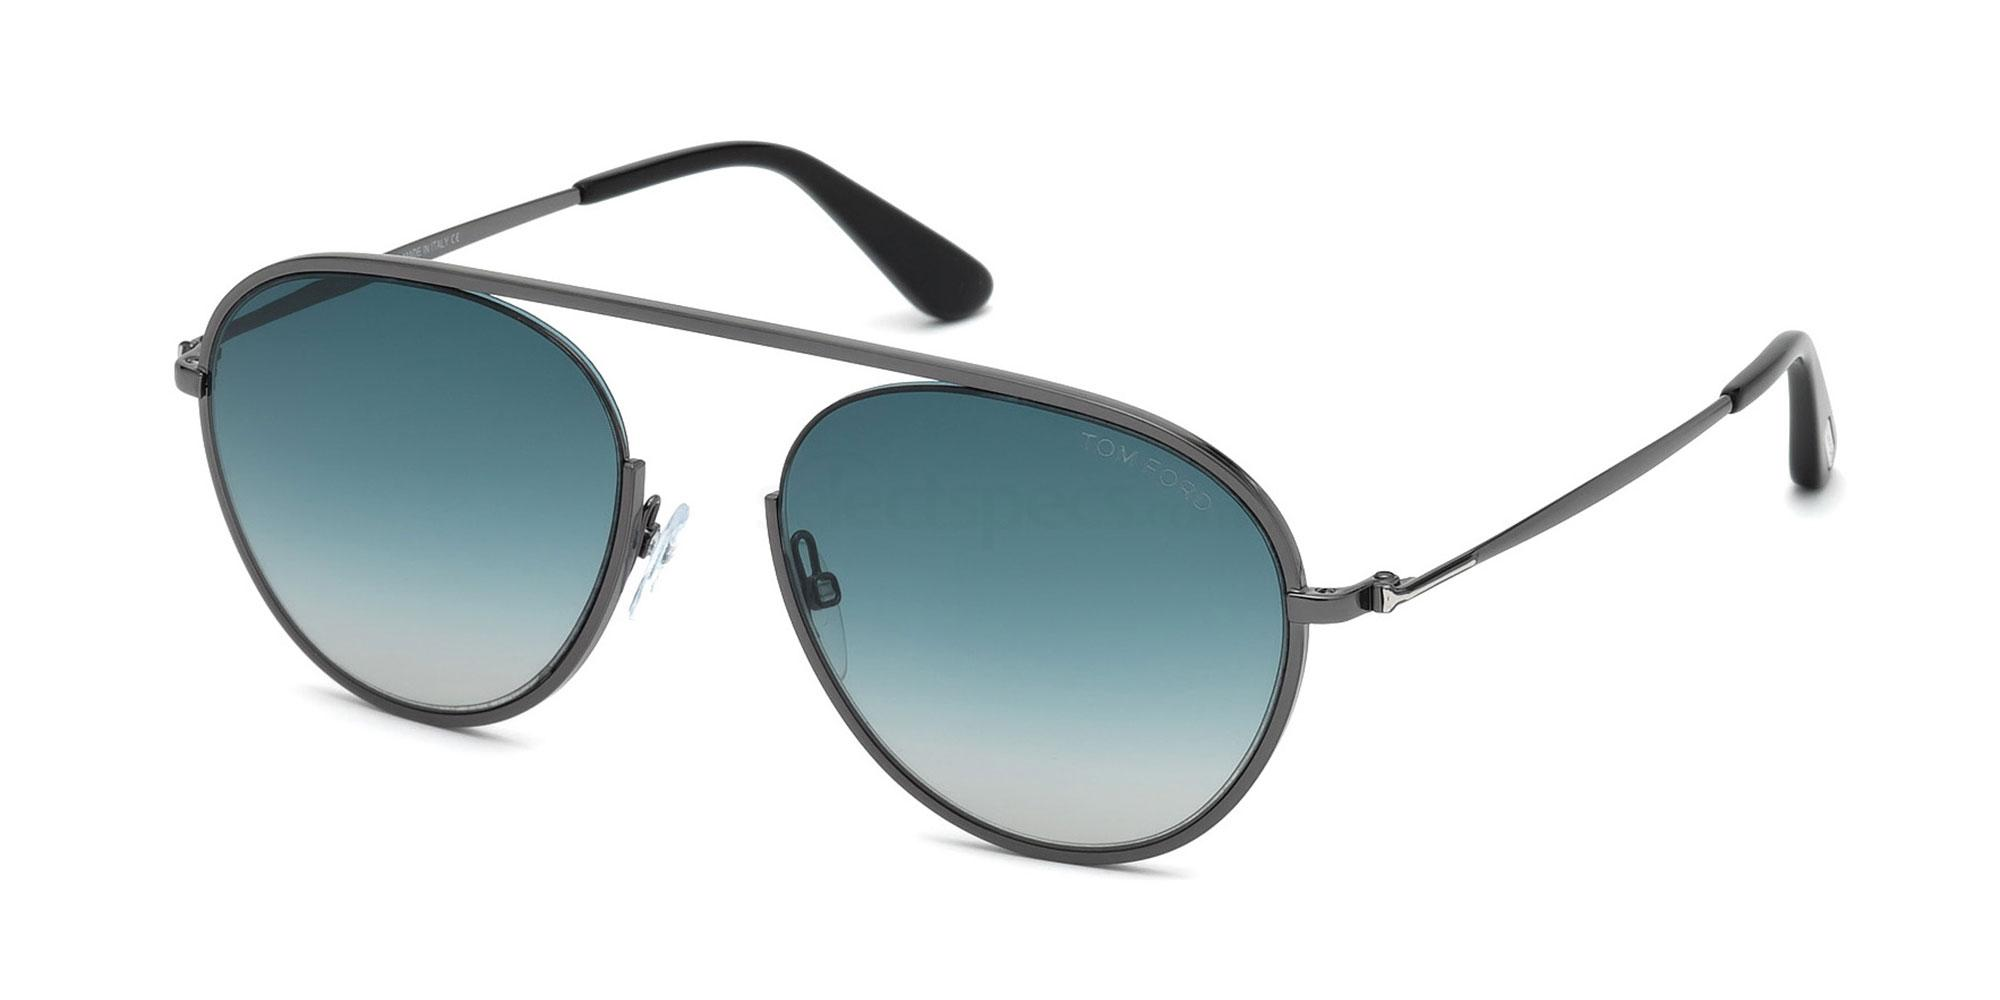 08W FT0599 Sunglasses, Tom Ford